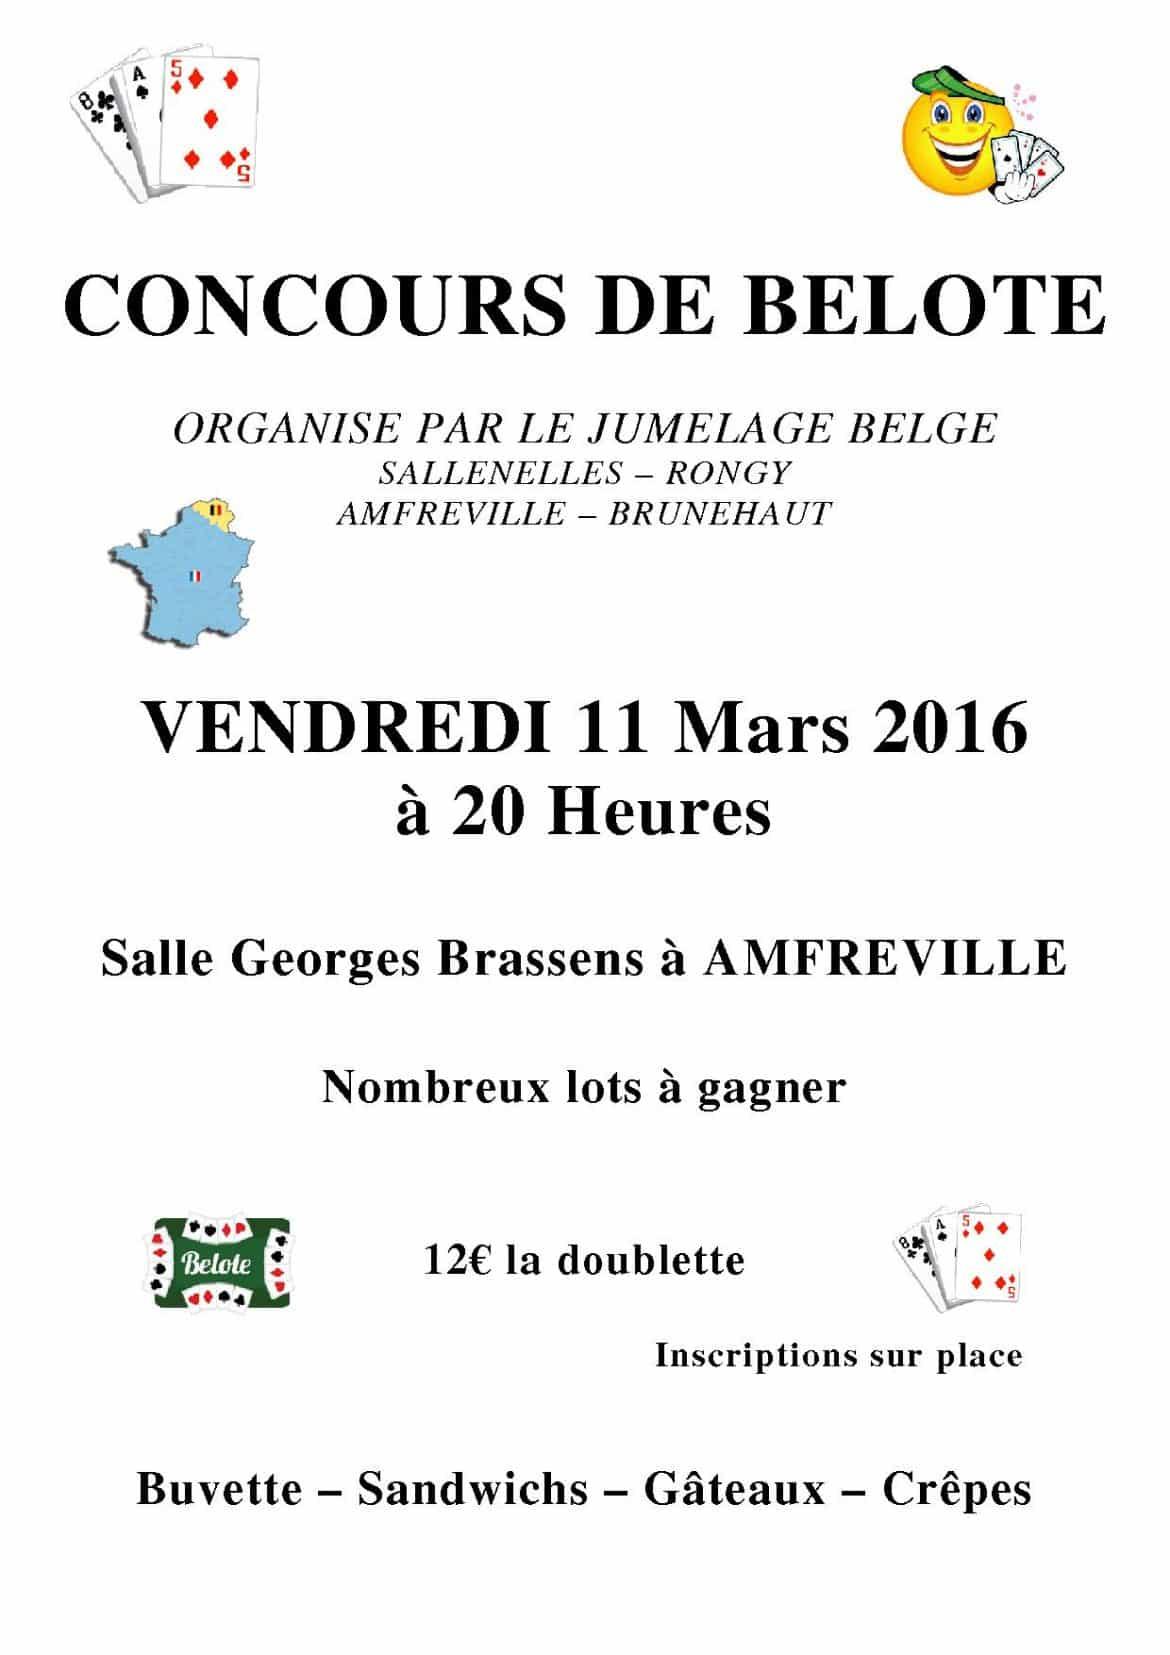 Tournoi de belote le 11 Mars 2016 à 14860 AMFREVILLE